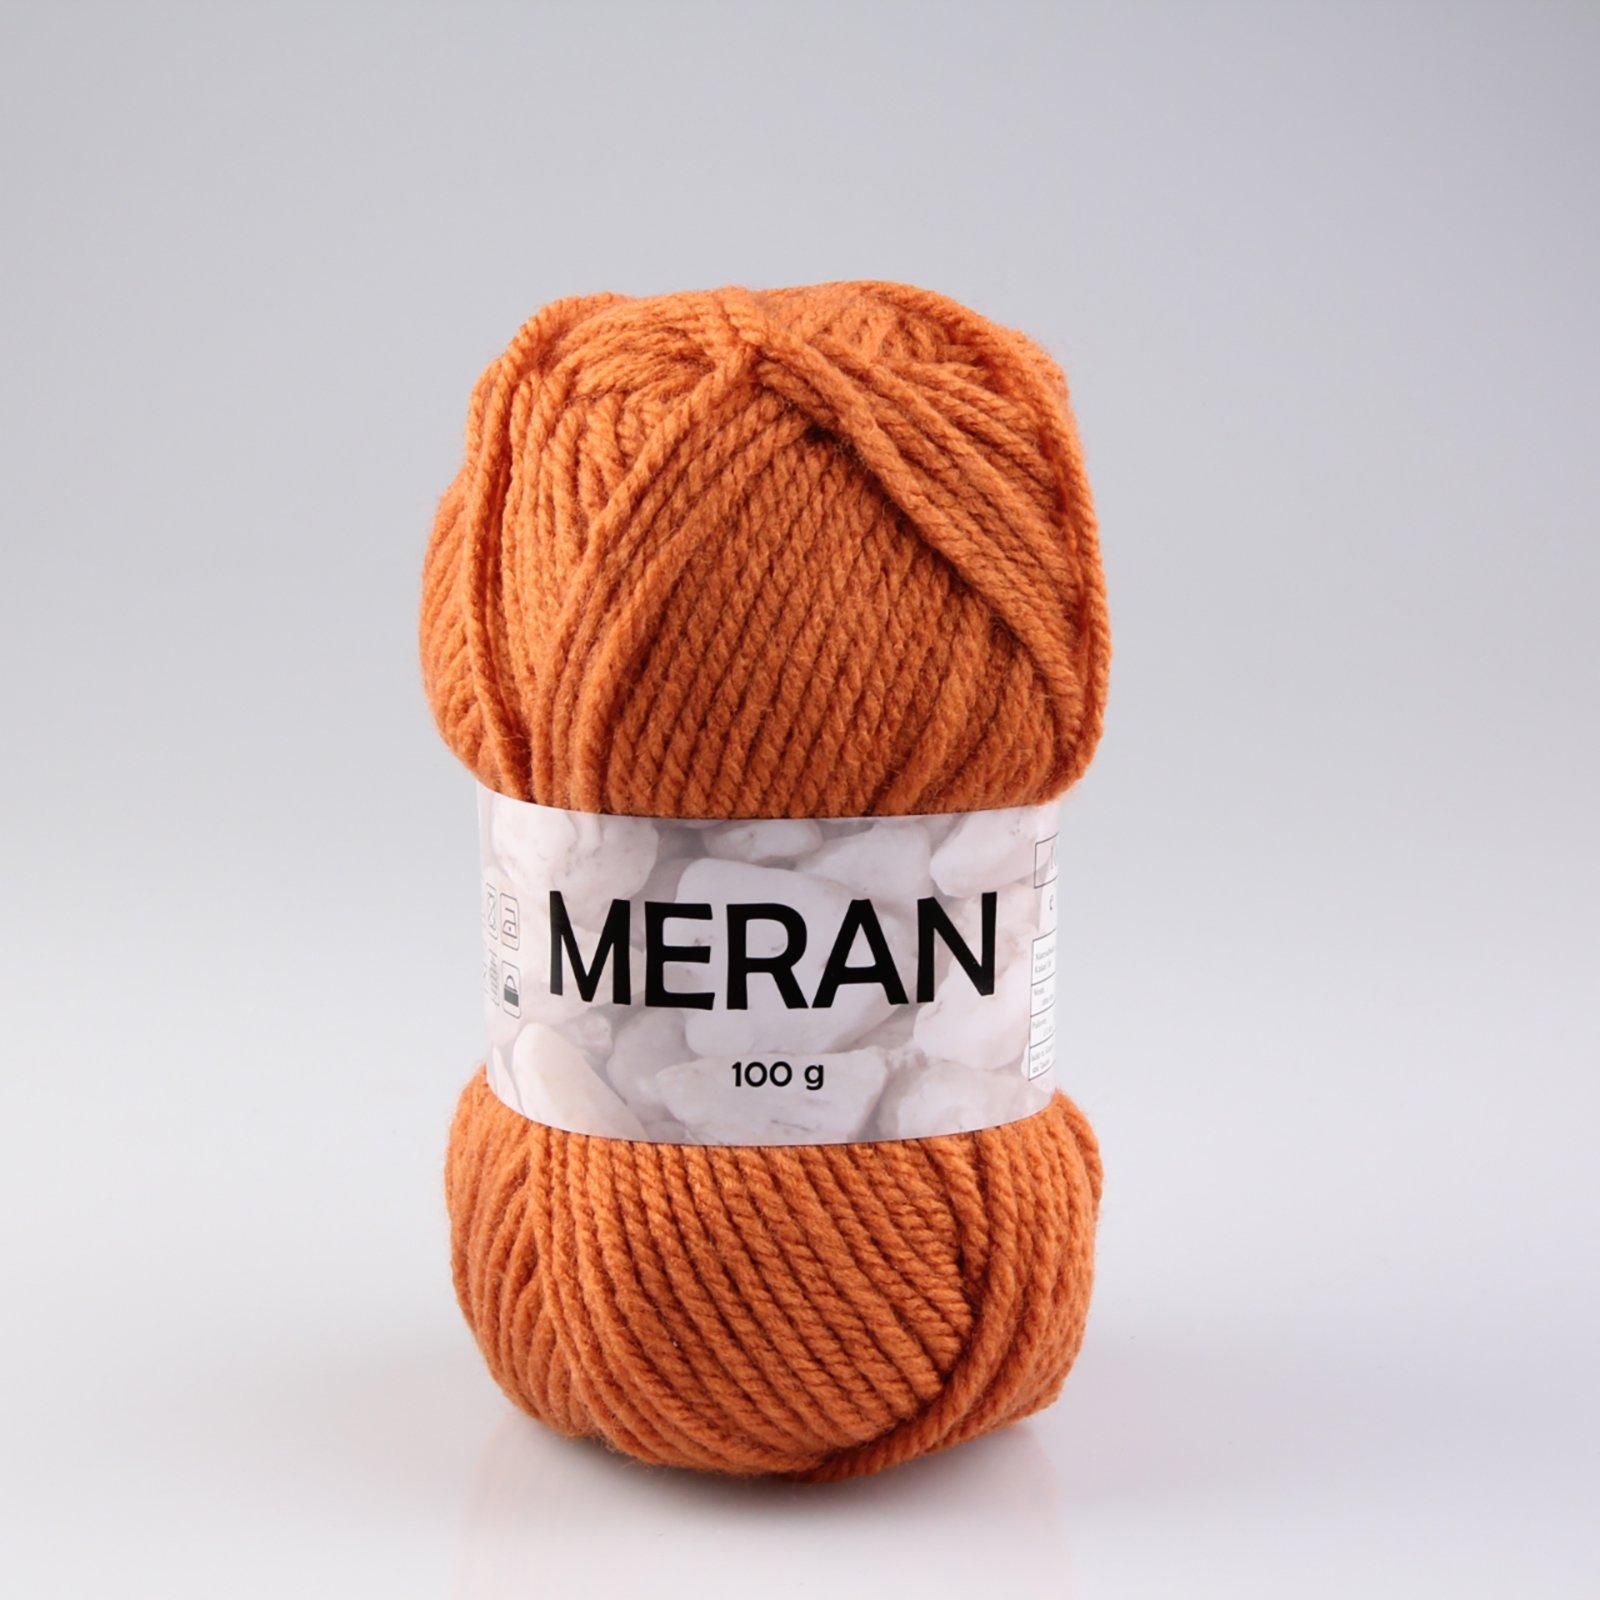 Wolle MERAN - kürbis - 100g